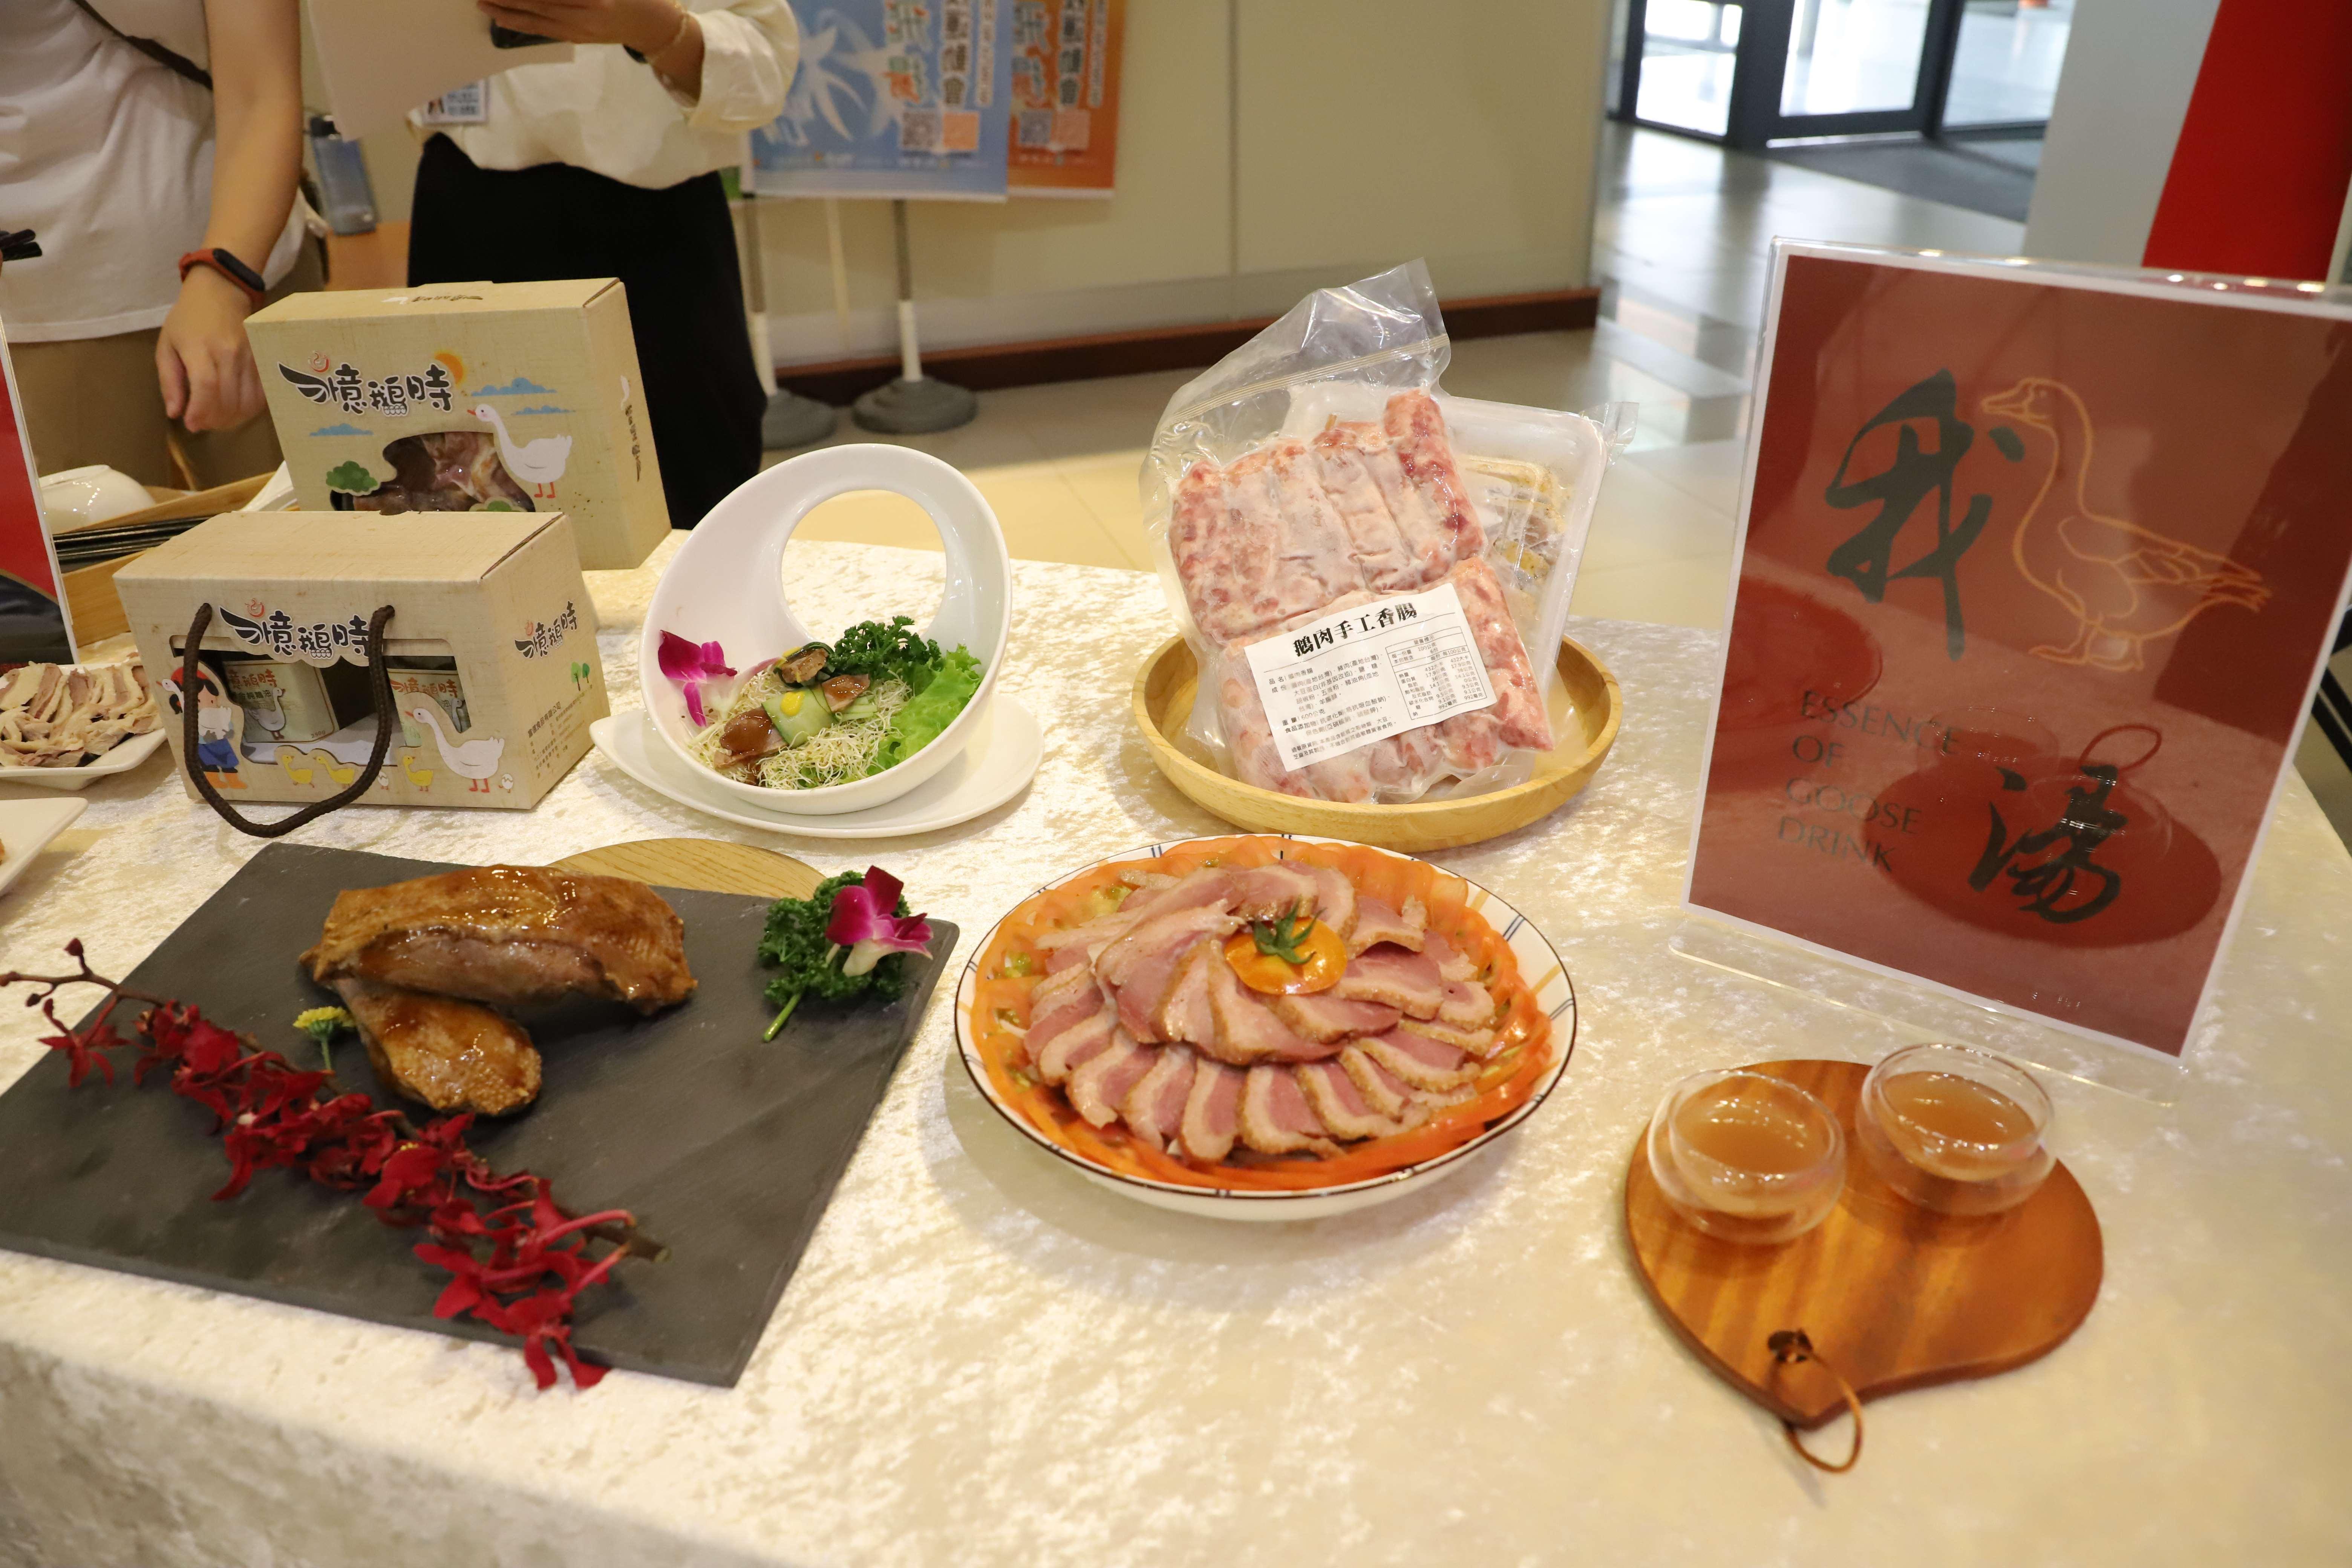 中華民國養鵝協會與中華美食交流協會邀請業者開發許多鵝肉創意料理。